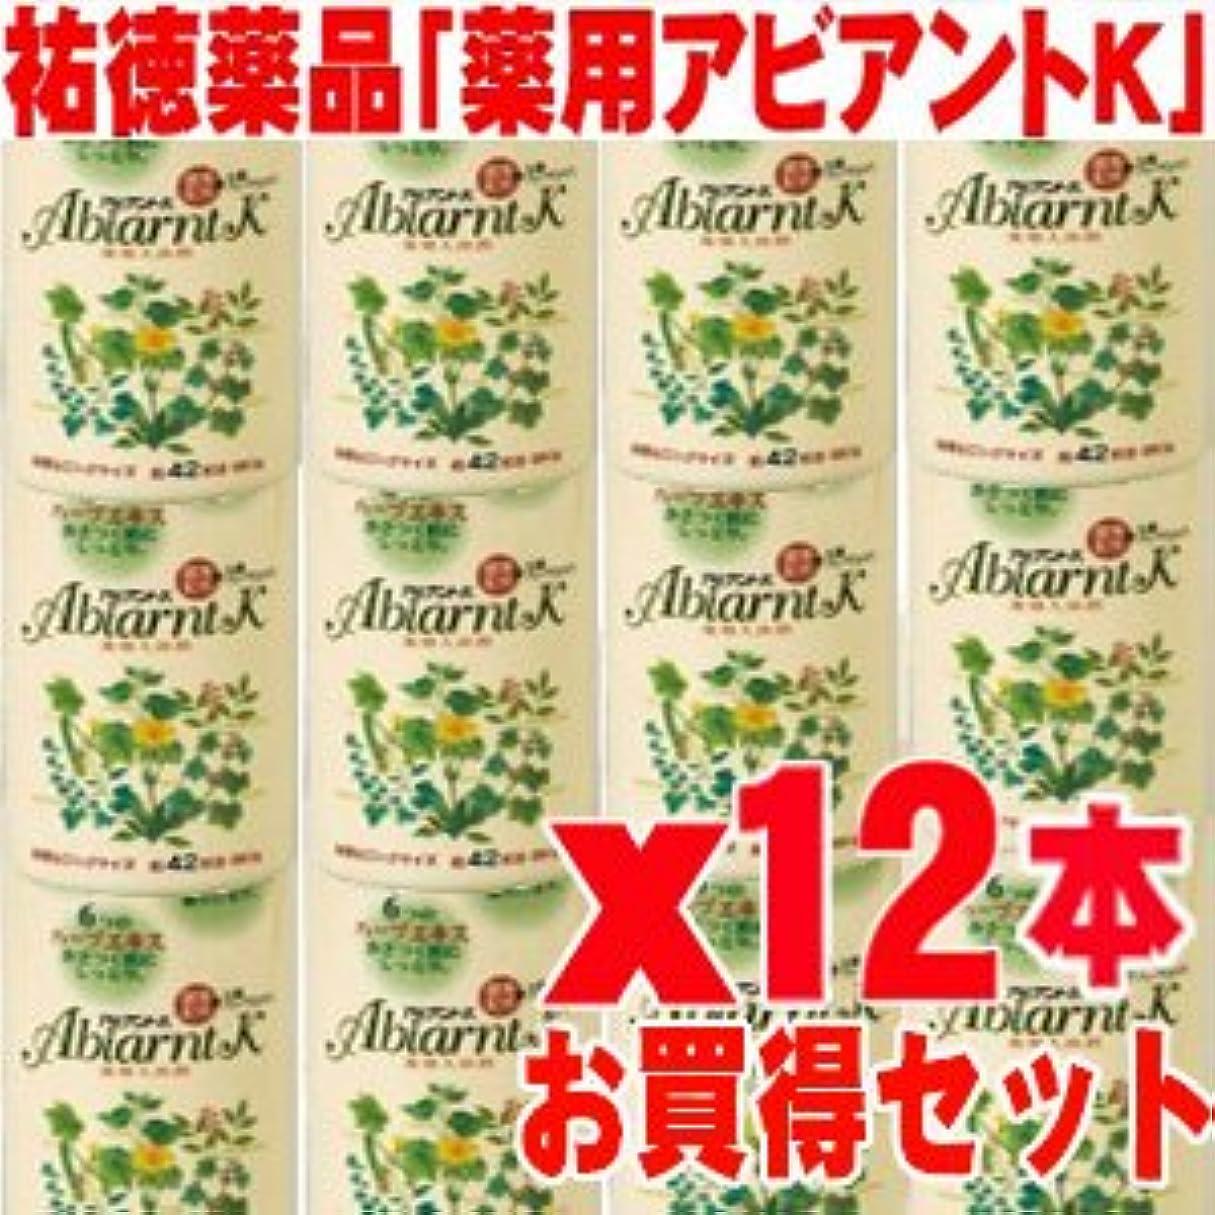 人事ポジティブ過去アビアントK 薬用入浴剤 850gx12本 (総合計10.2kg)4987235024123